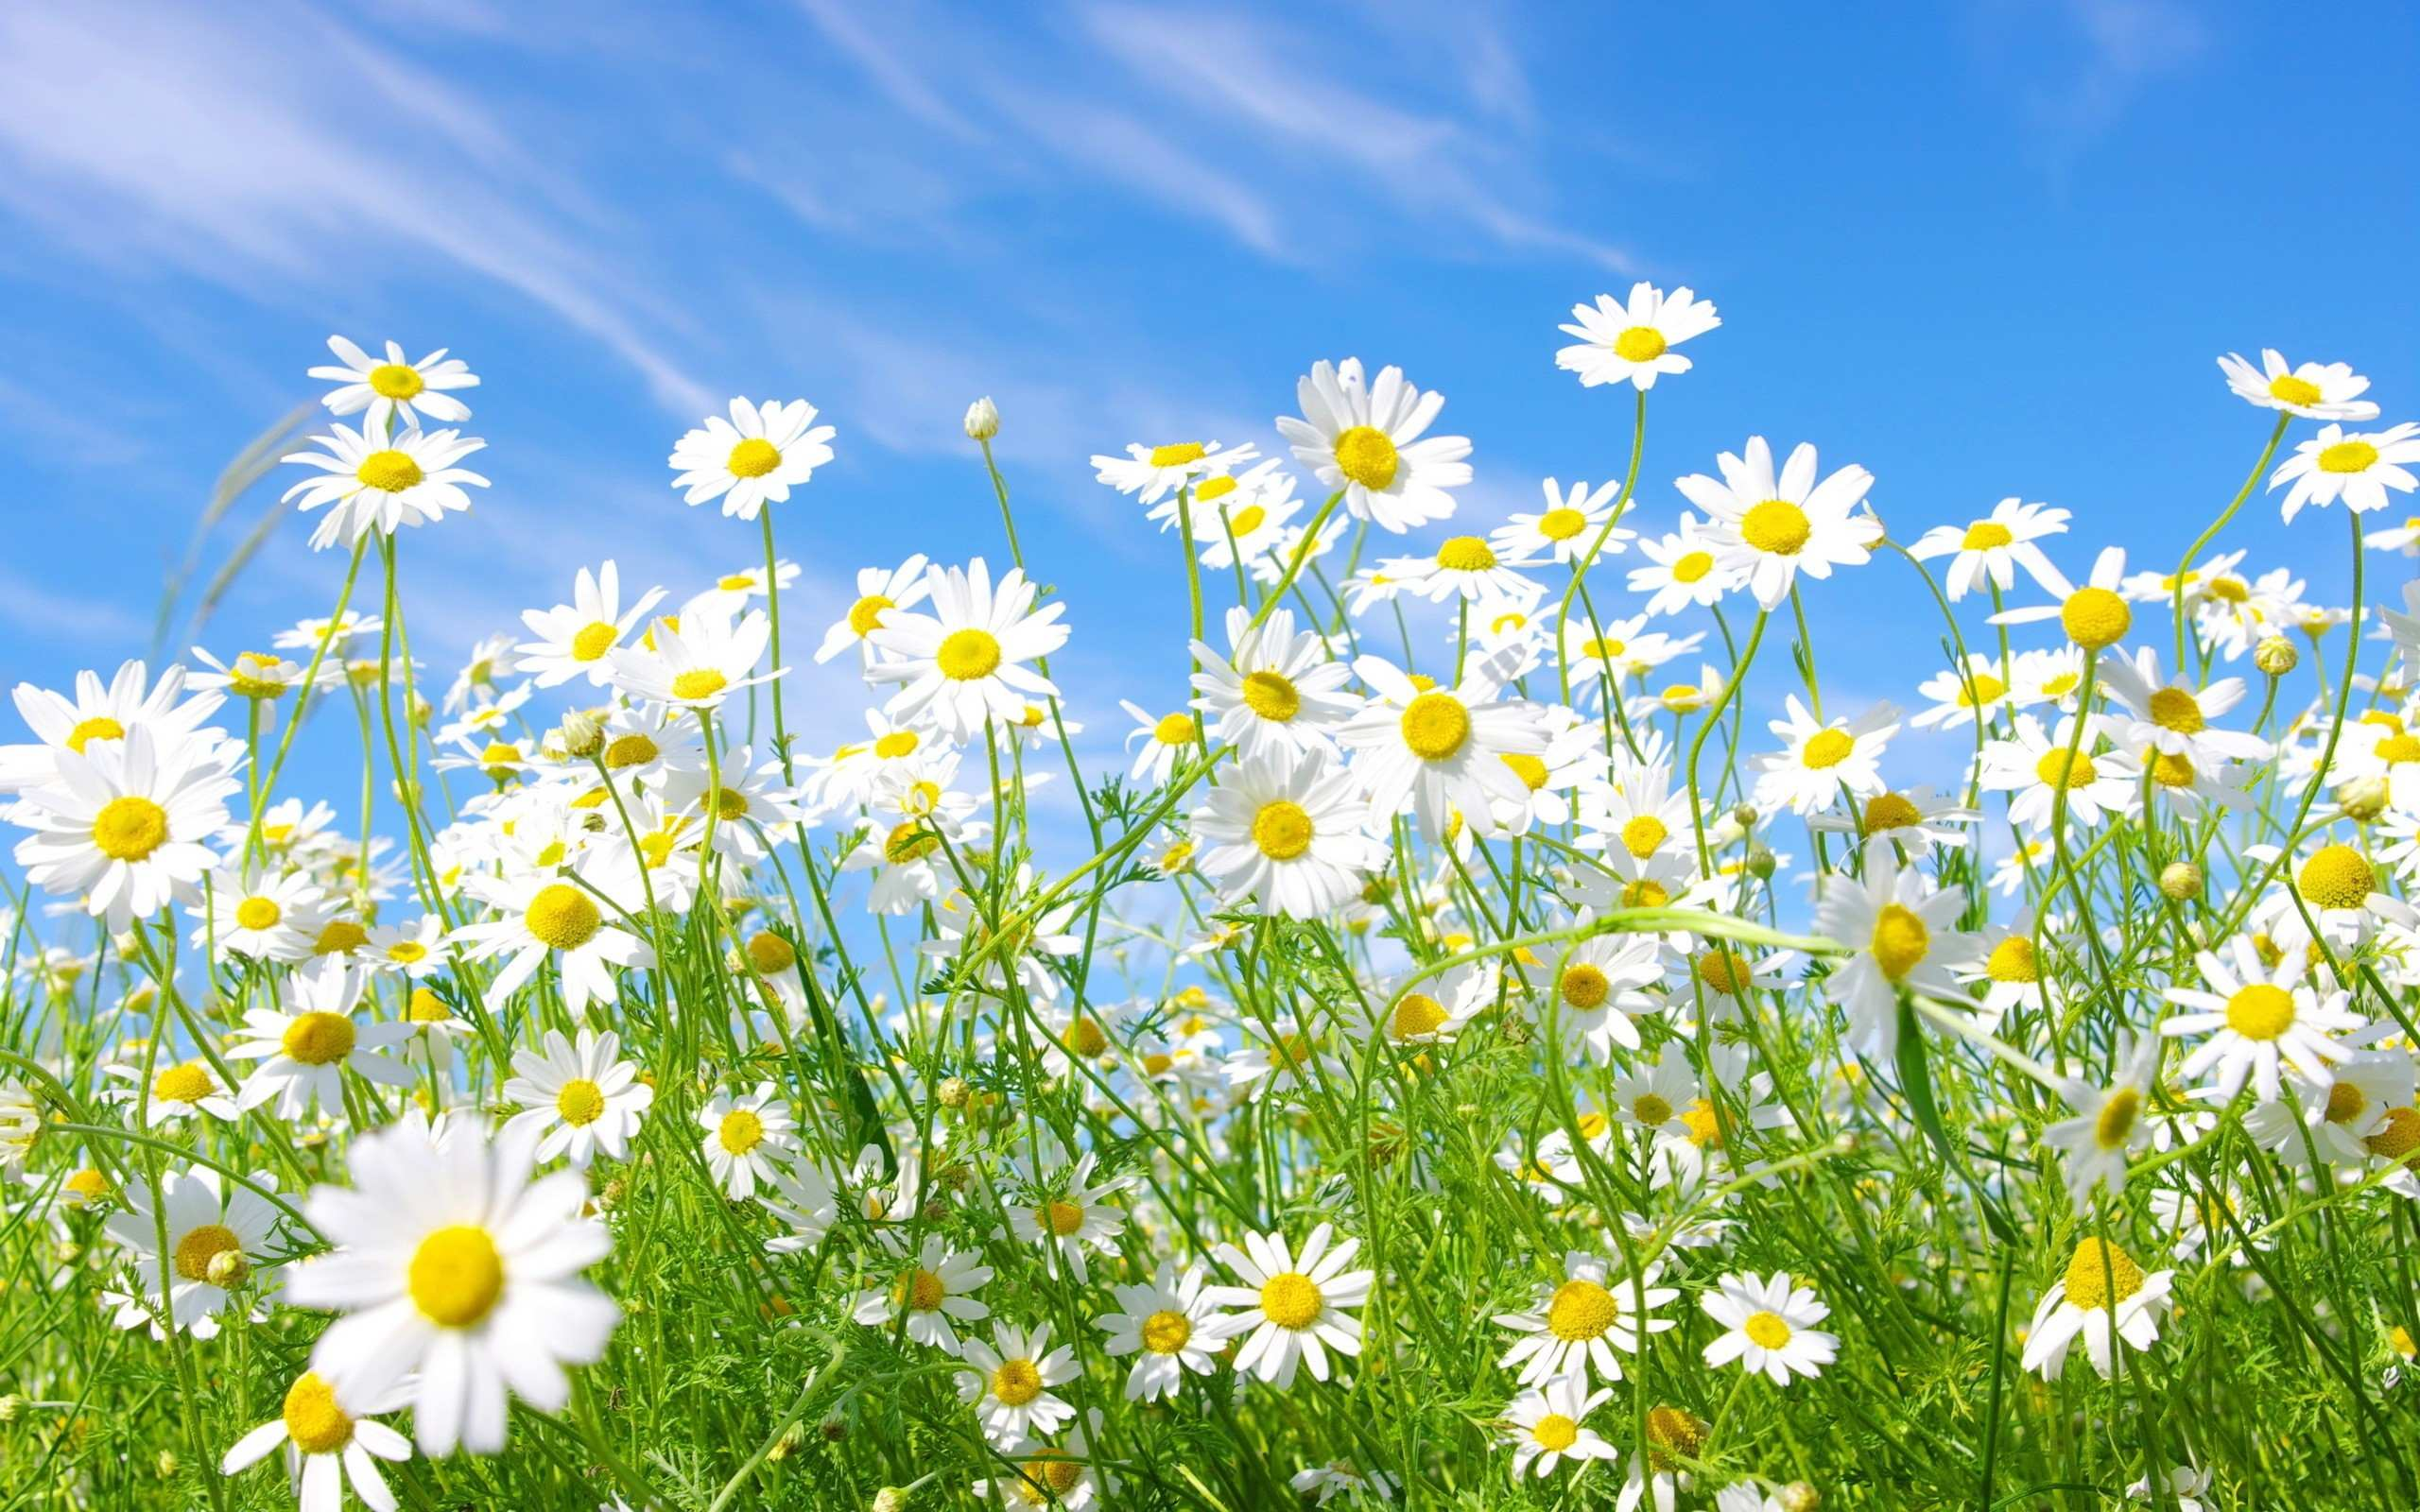 Hình nền máy tính HD những bông hoa dại đẹp